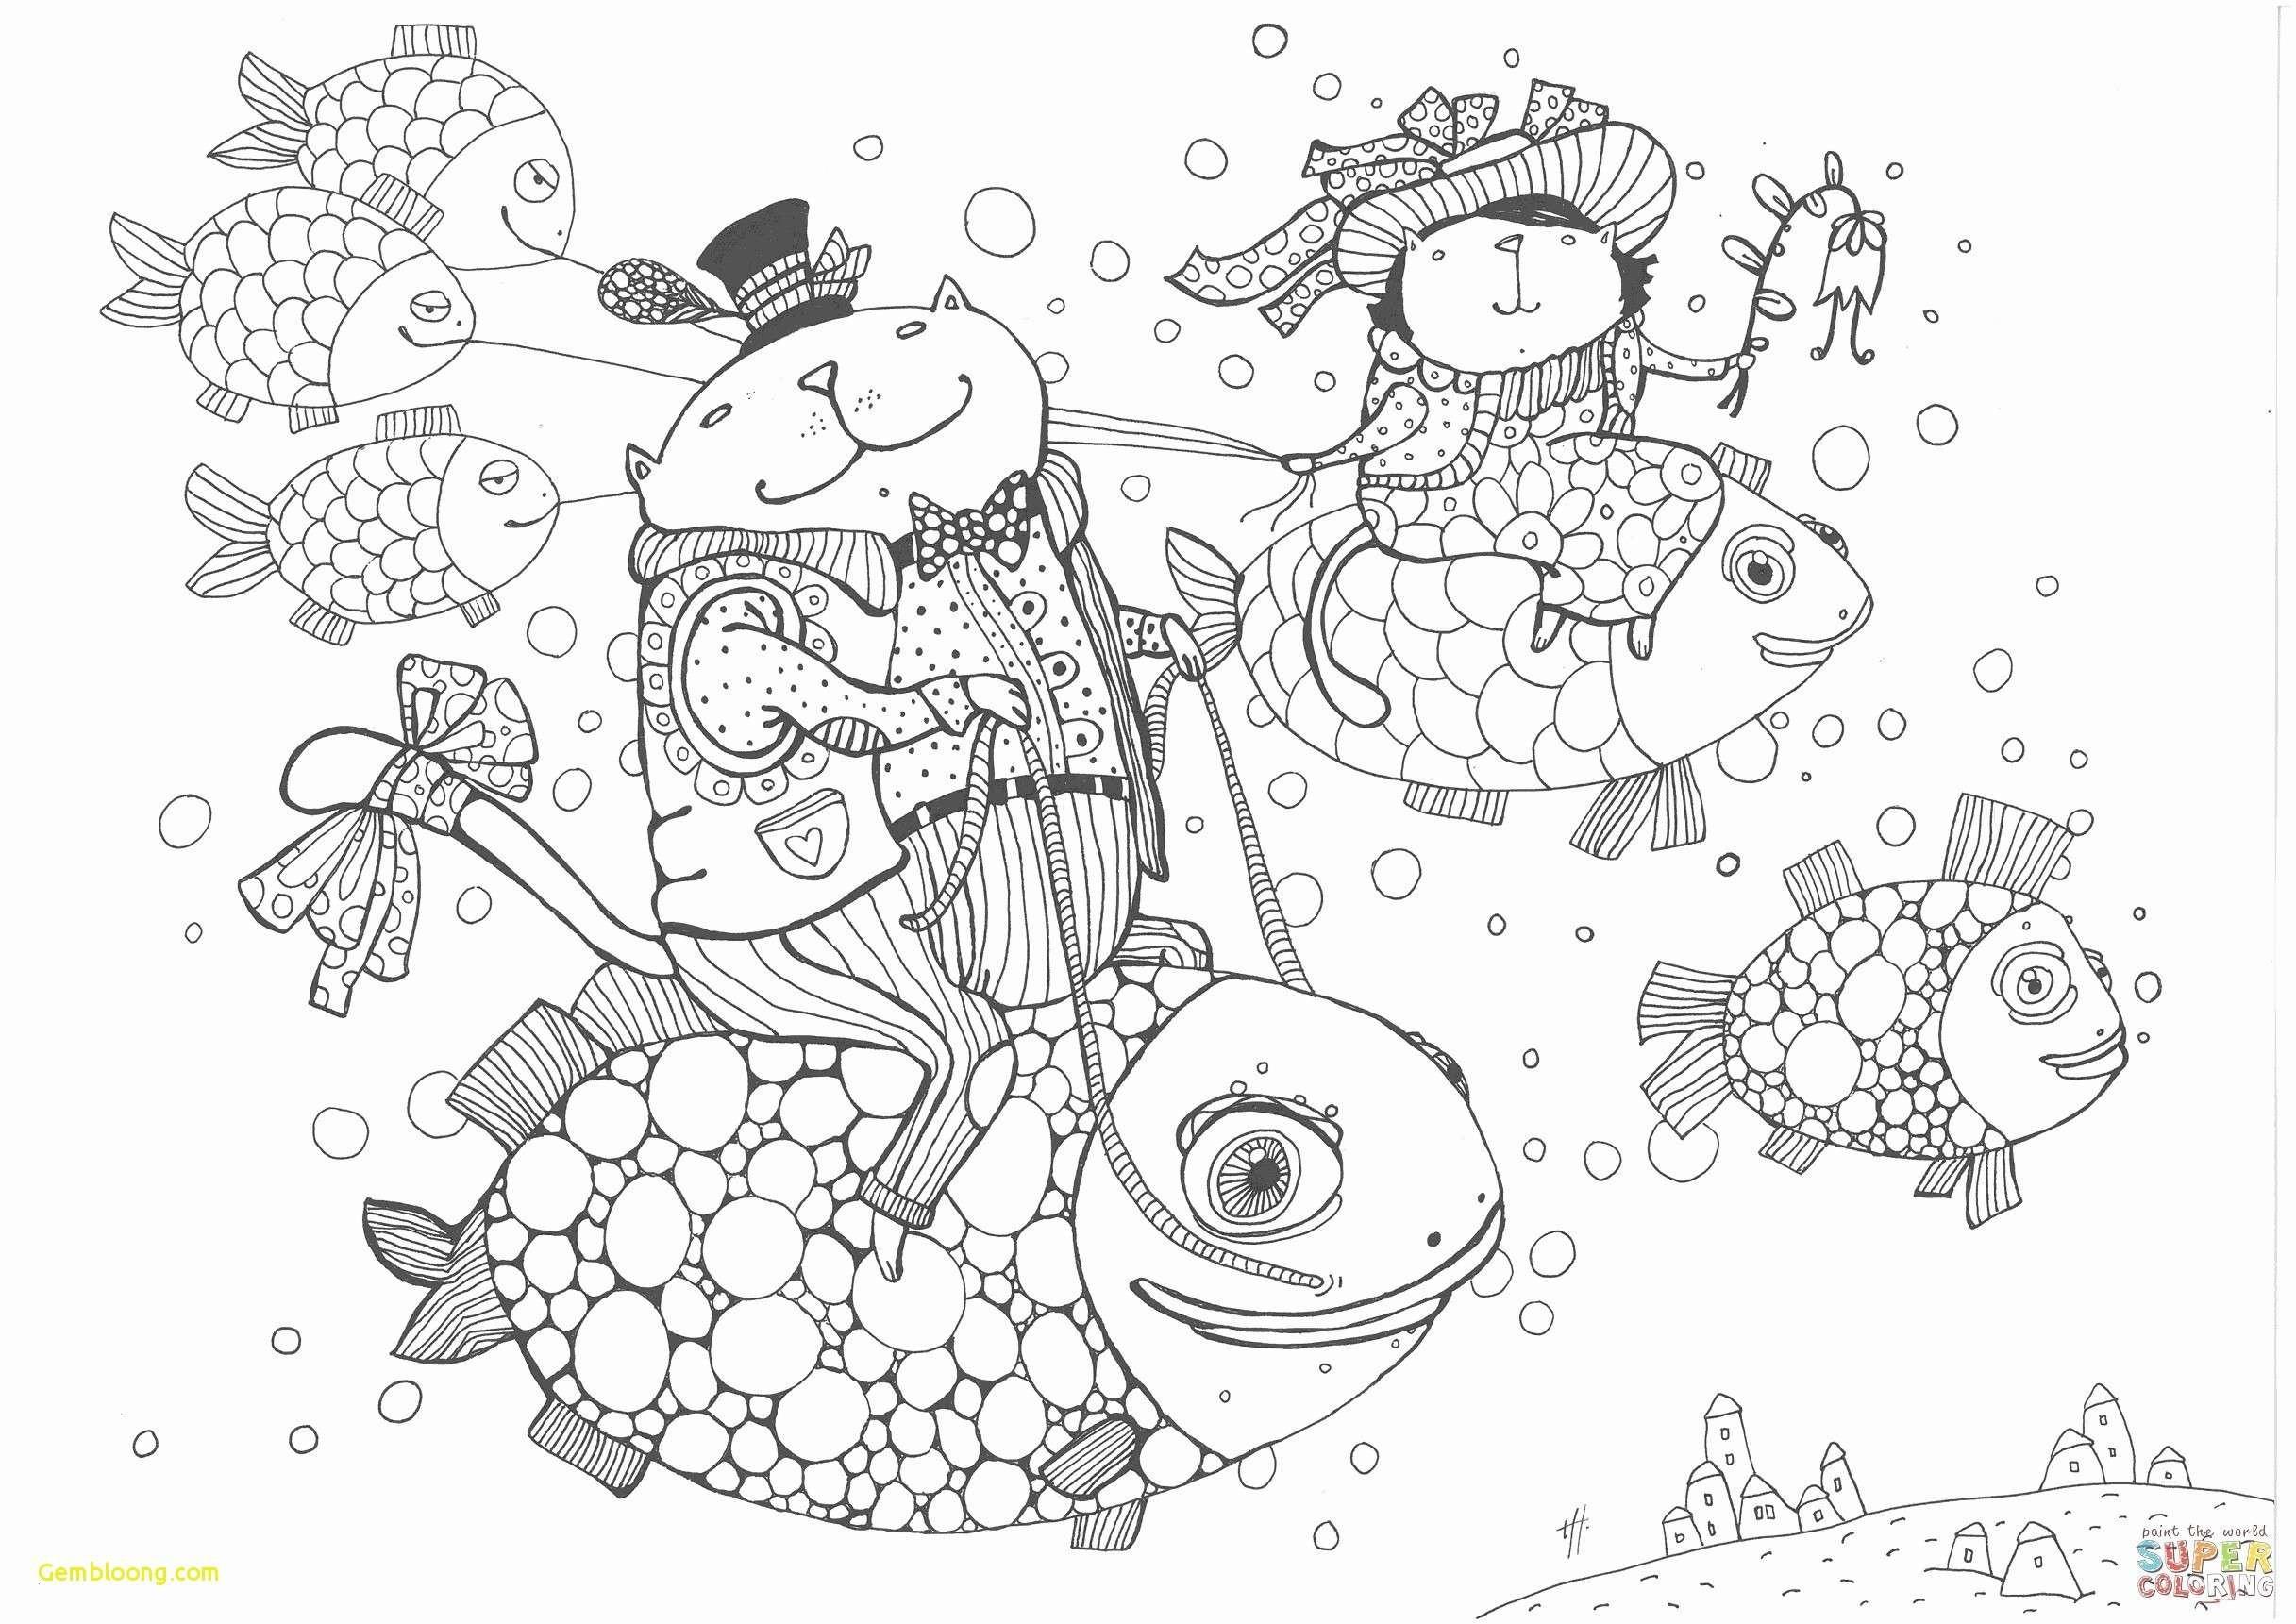 Ausmalbilder Weihnachten Krippe Das Beste Von Frei Druckbare Weihnachts Malvorlagen Besondere Weihnachtsmann Sammlung